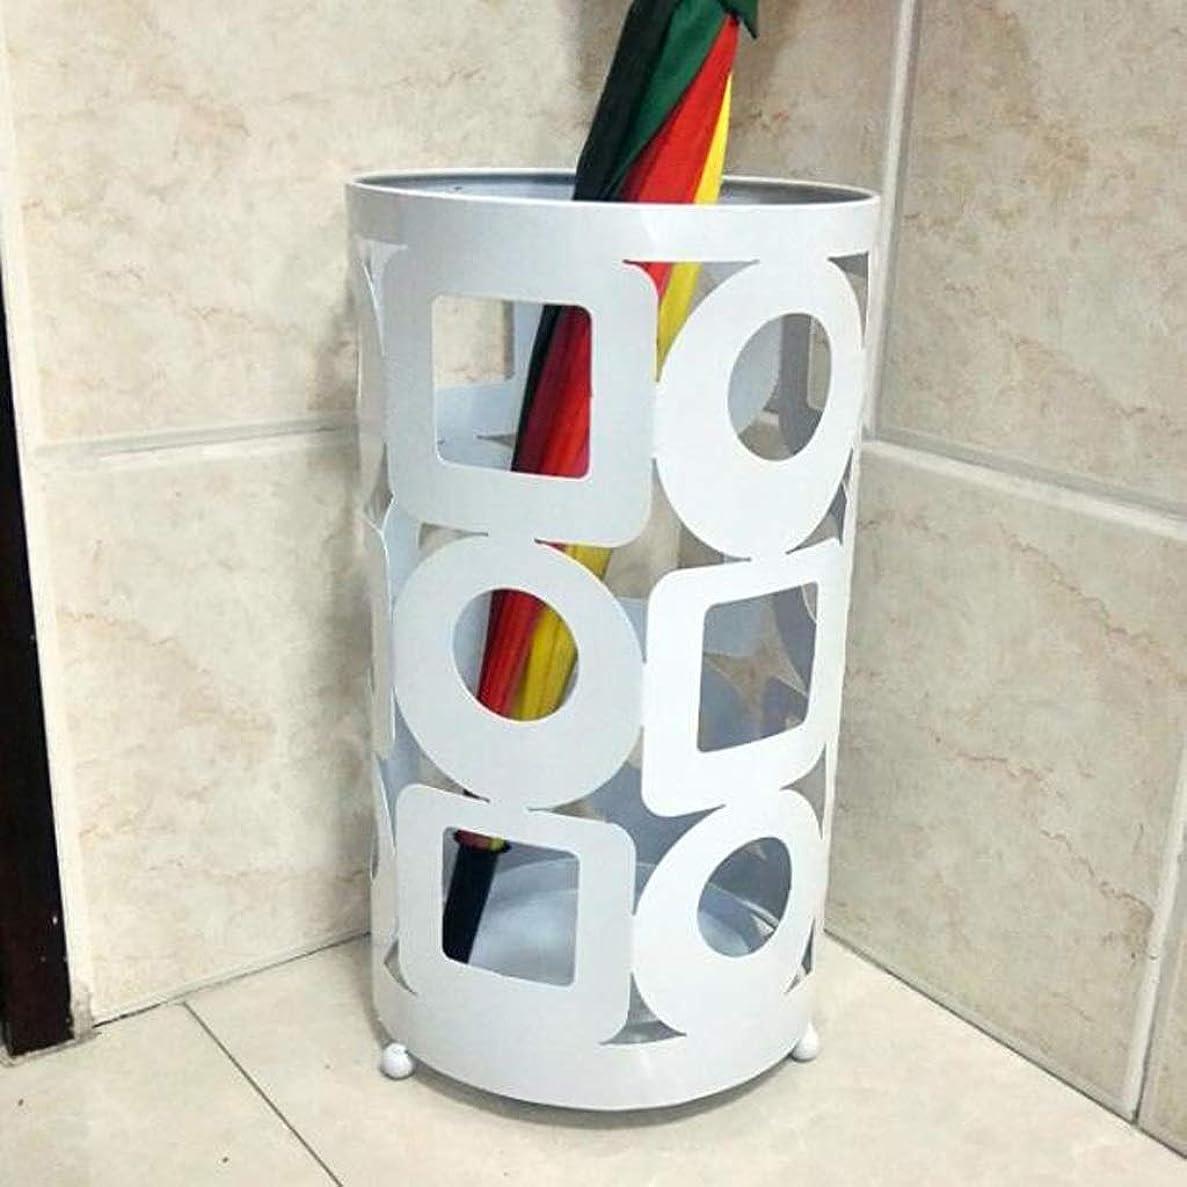 打撃雇う花瓶HYBKY 傘立てホテルロビーホーム錬鉄製傘傘バケツ収納バケツフロアスタンド傘立て25cm?42cm 傘立て (Color : White)